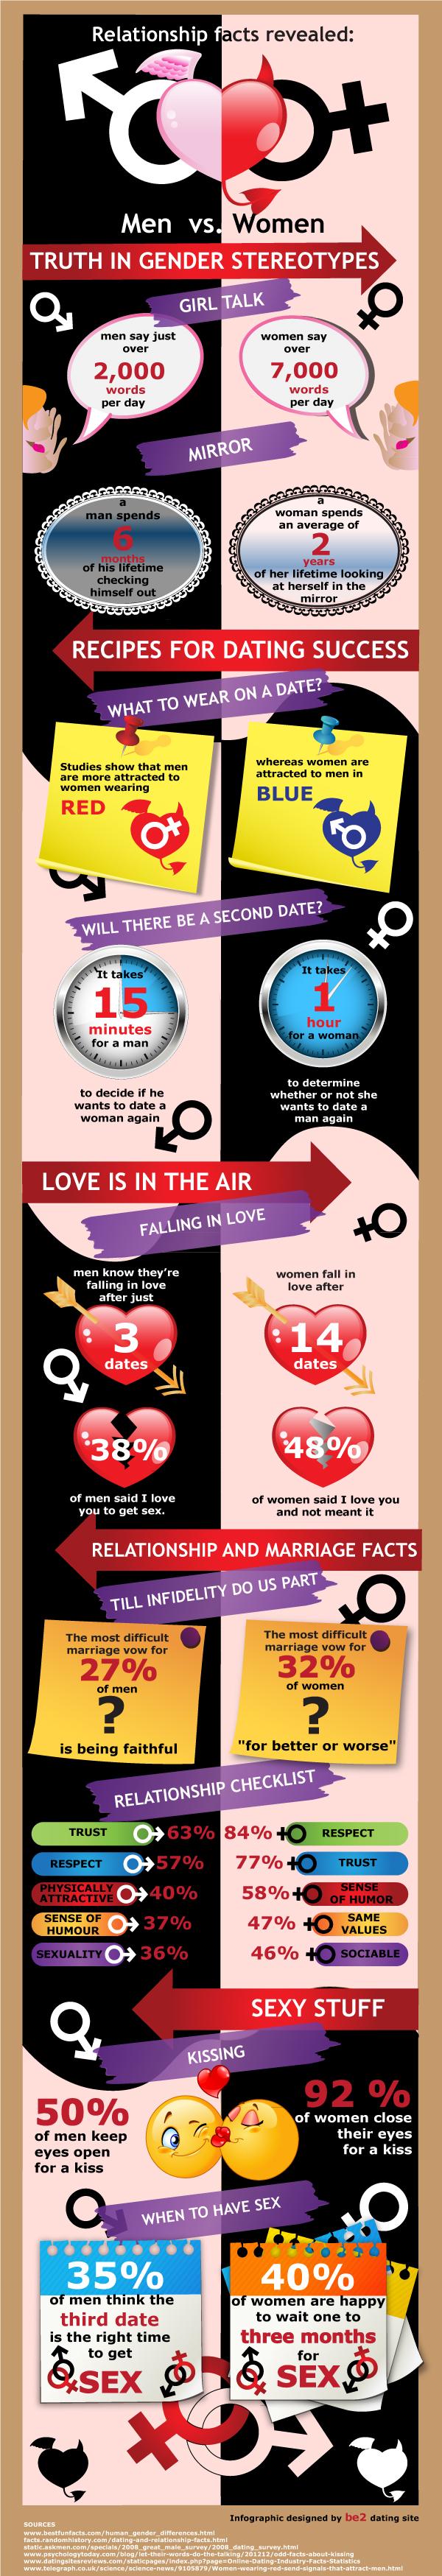 Relationships: men vs. women